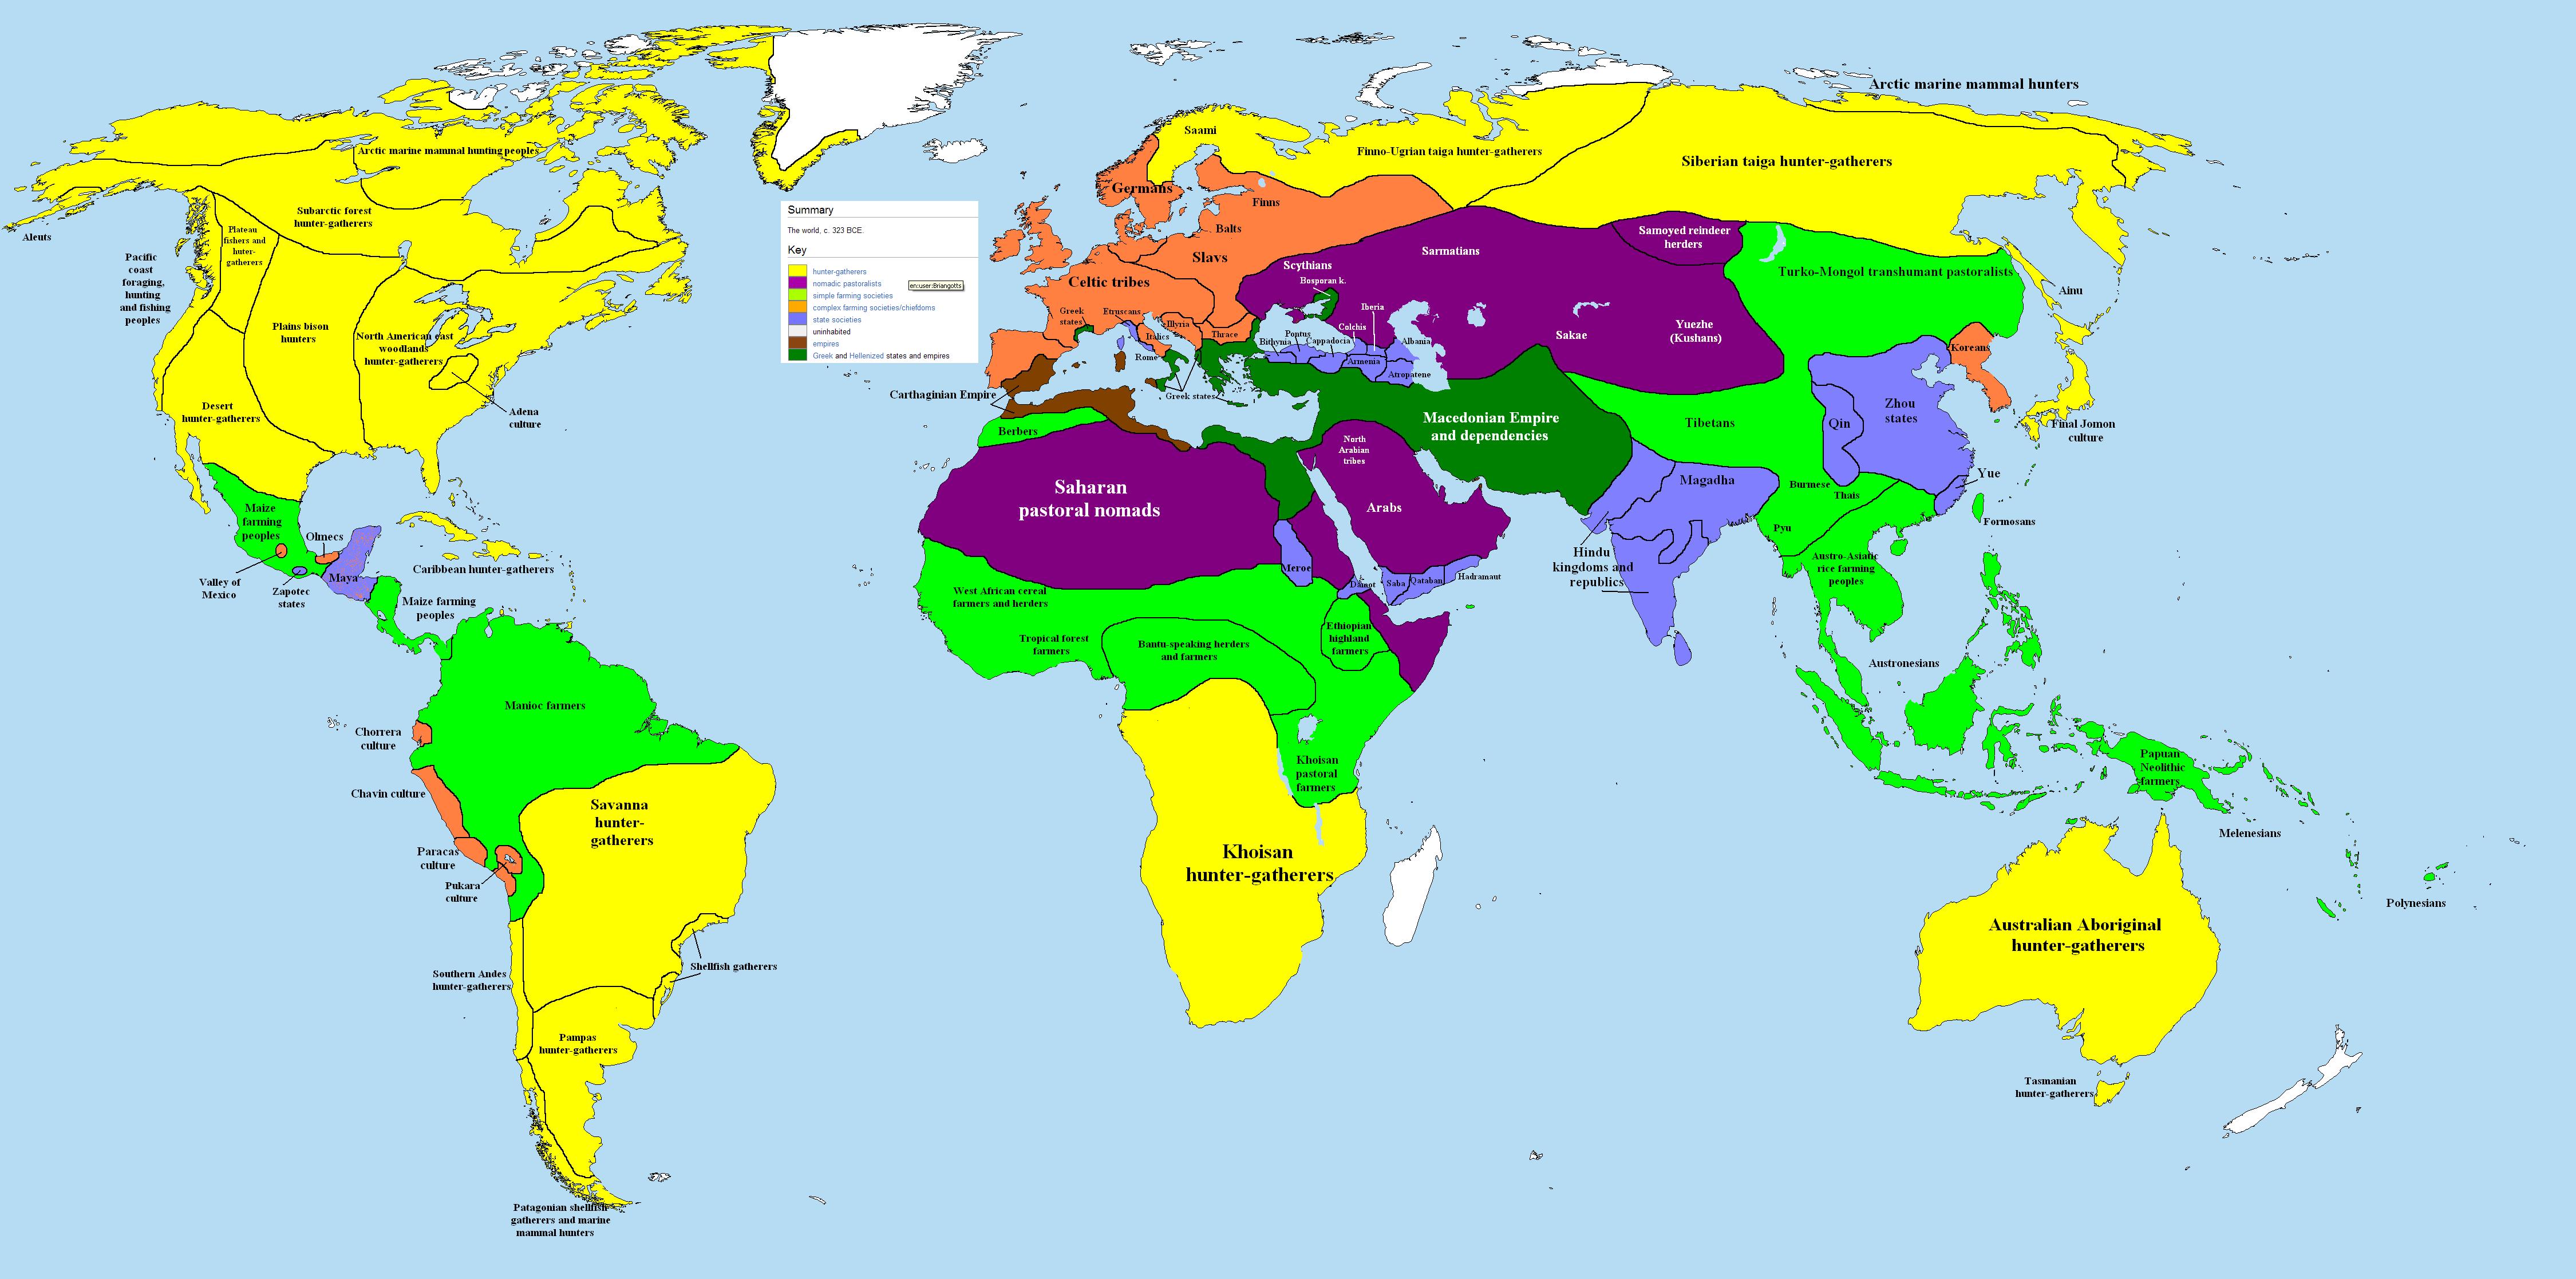 خريطة العالم: 323 قبل الميلاد